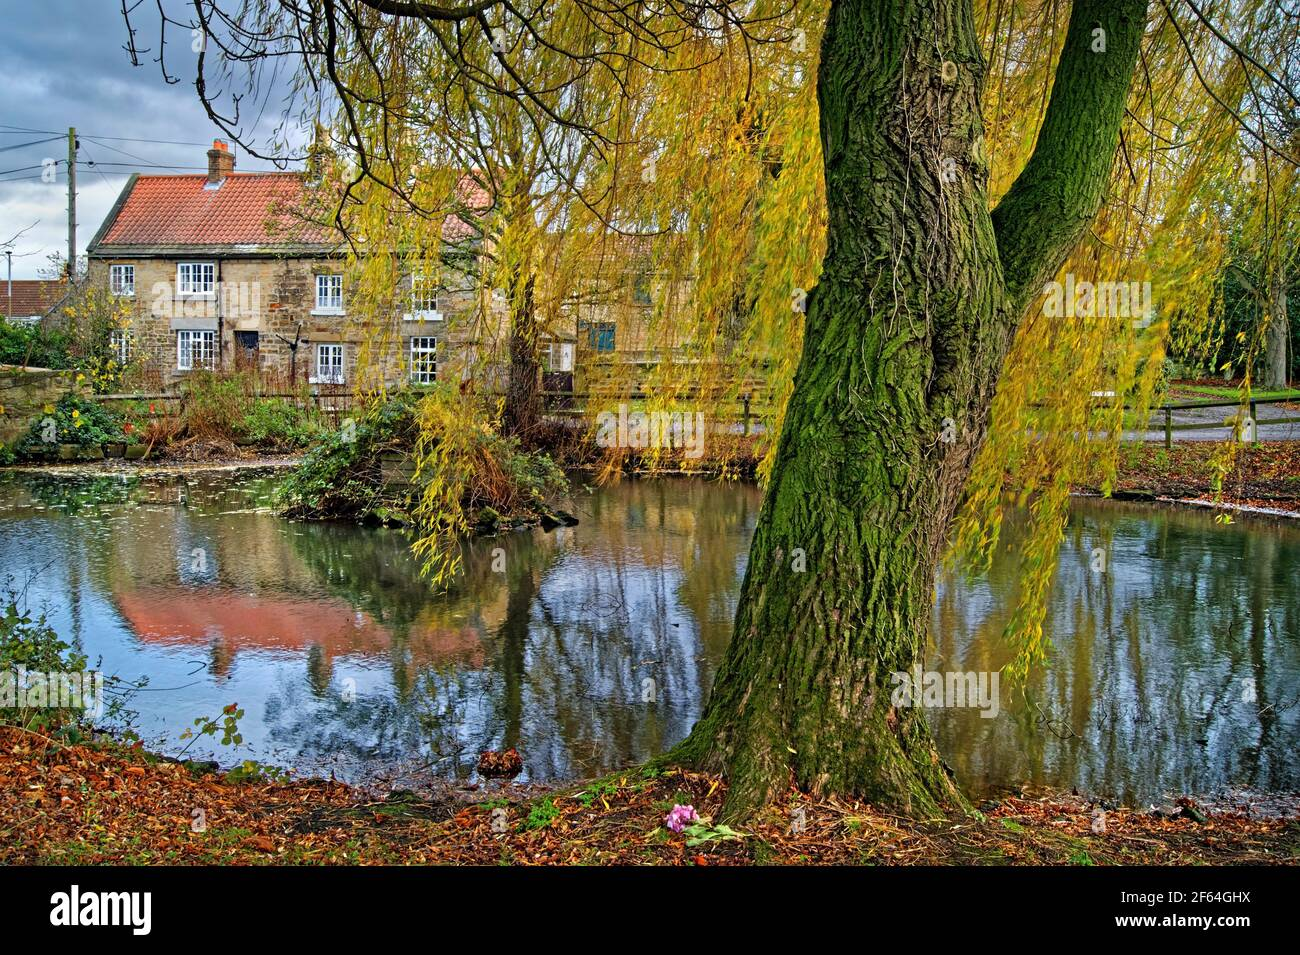 Regno Unito, South Yorkshire, Doncaster, Villaggio di Clayton con Stagno durante l'autunno Foto Stock